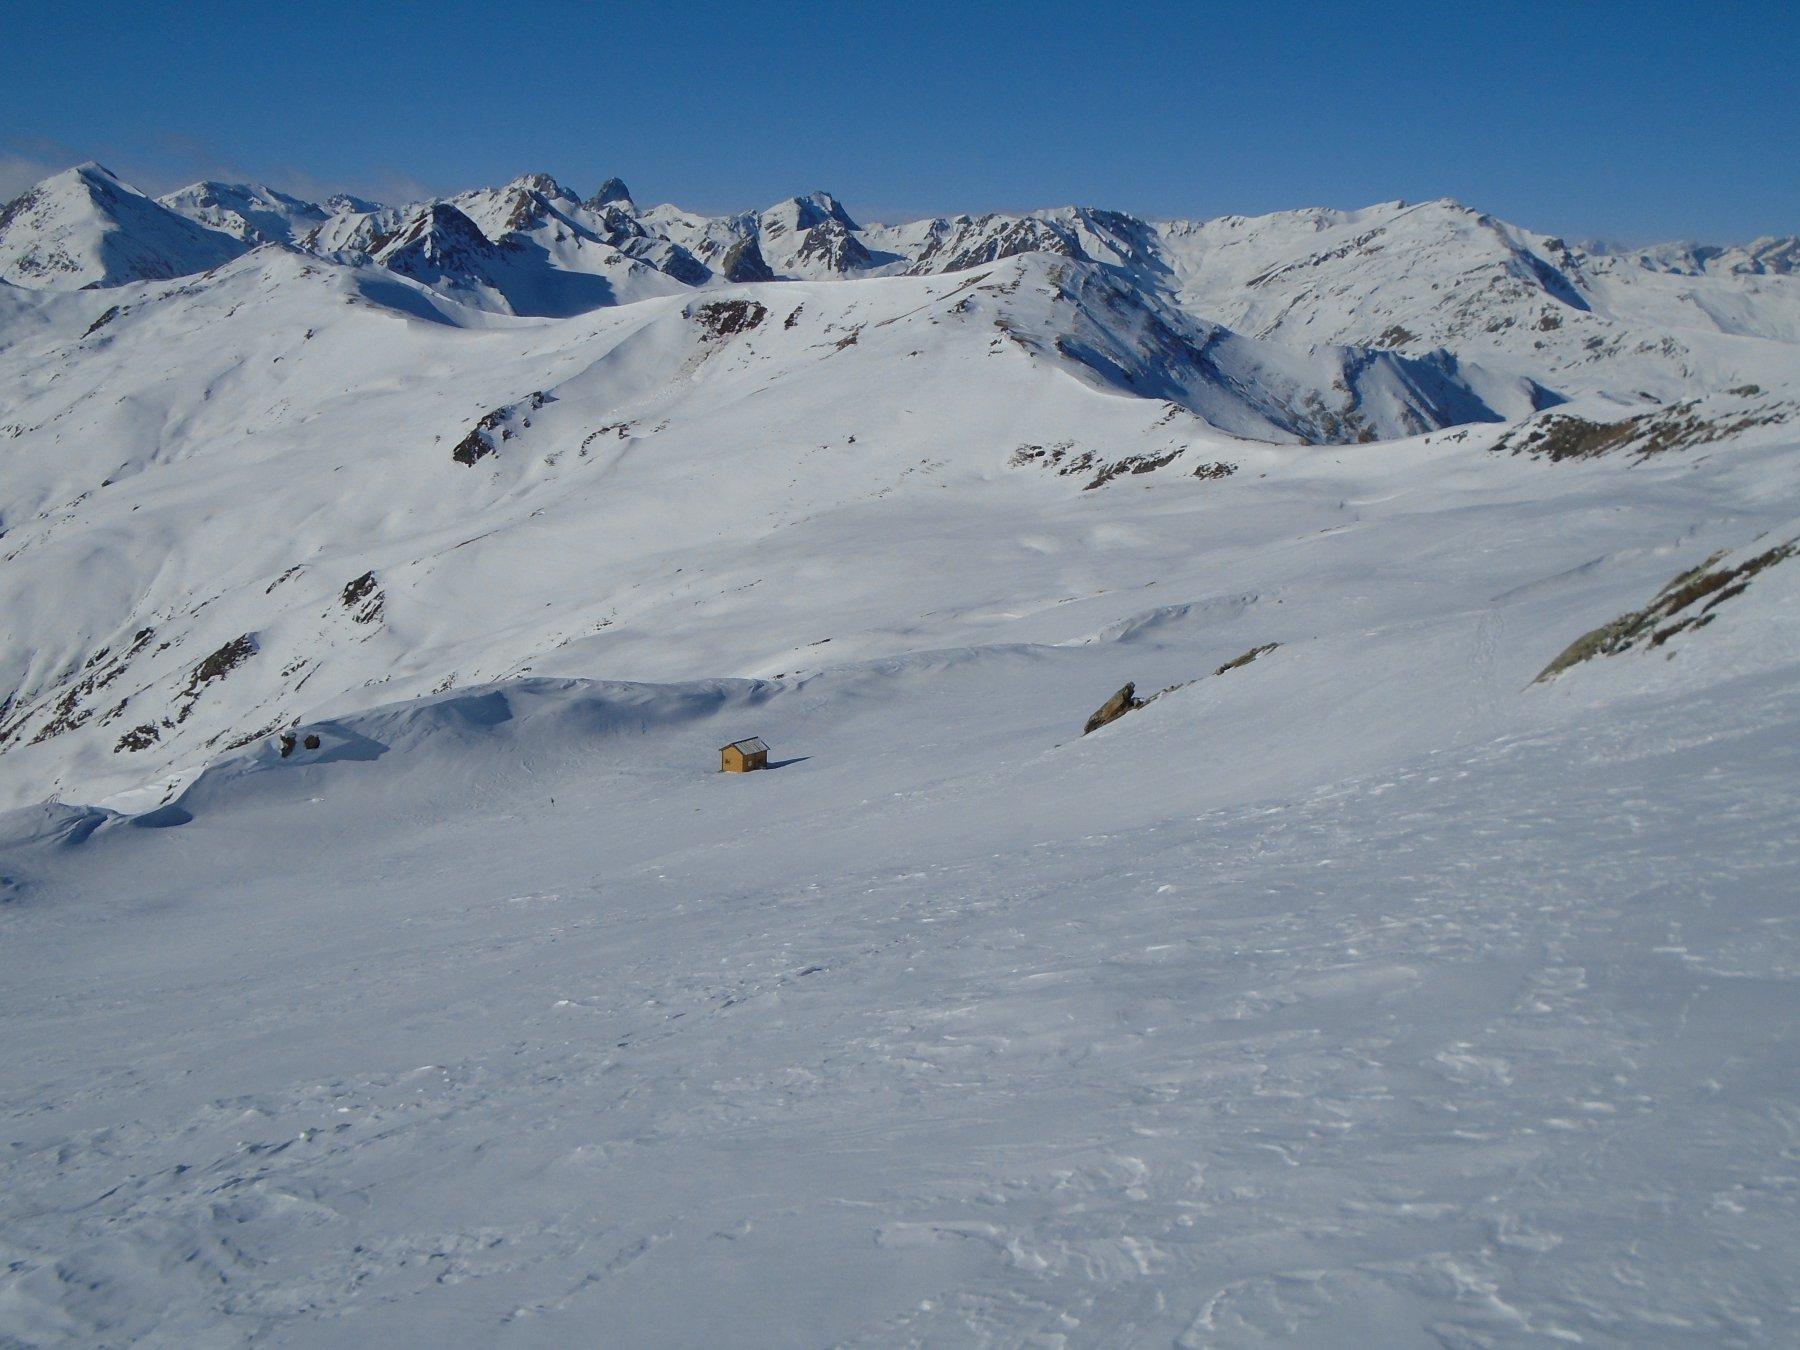 Bivacco e da dx verso sx: Colle Aigaversa, Monte Omo/Crest Gibert, Passo Borel.